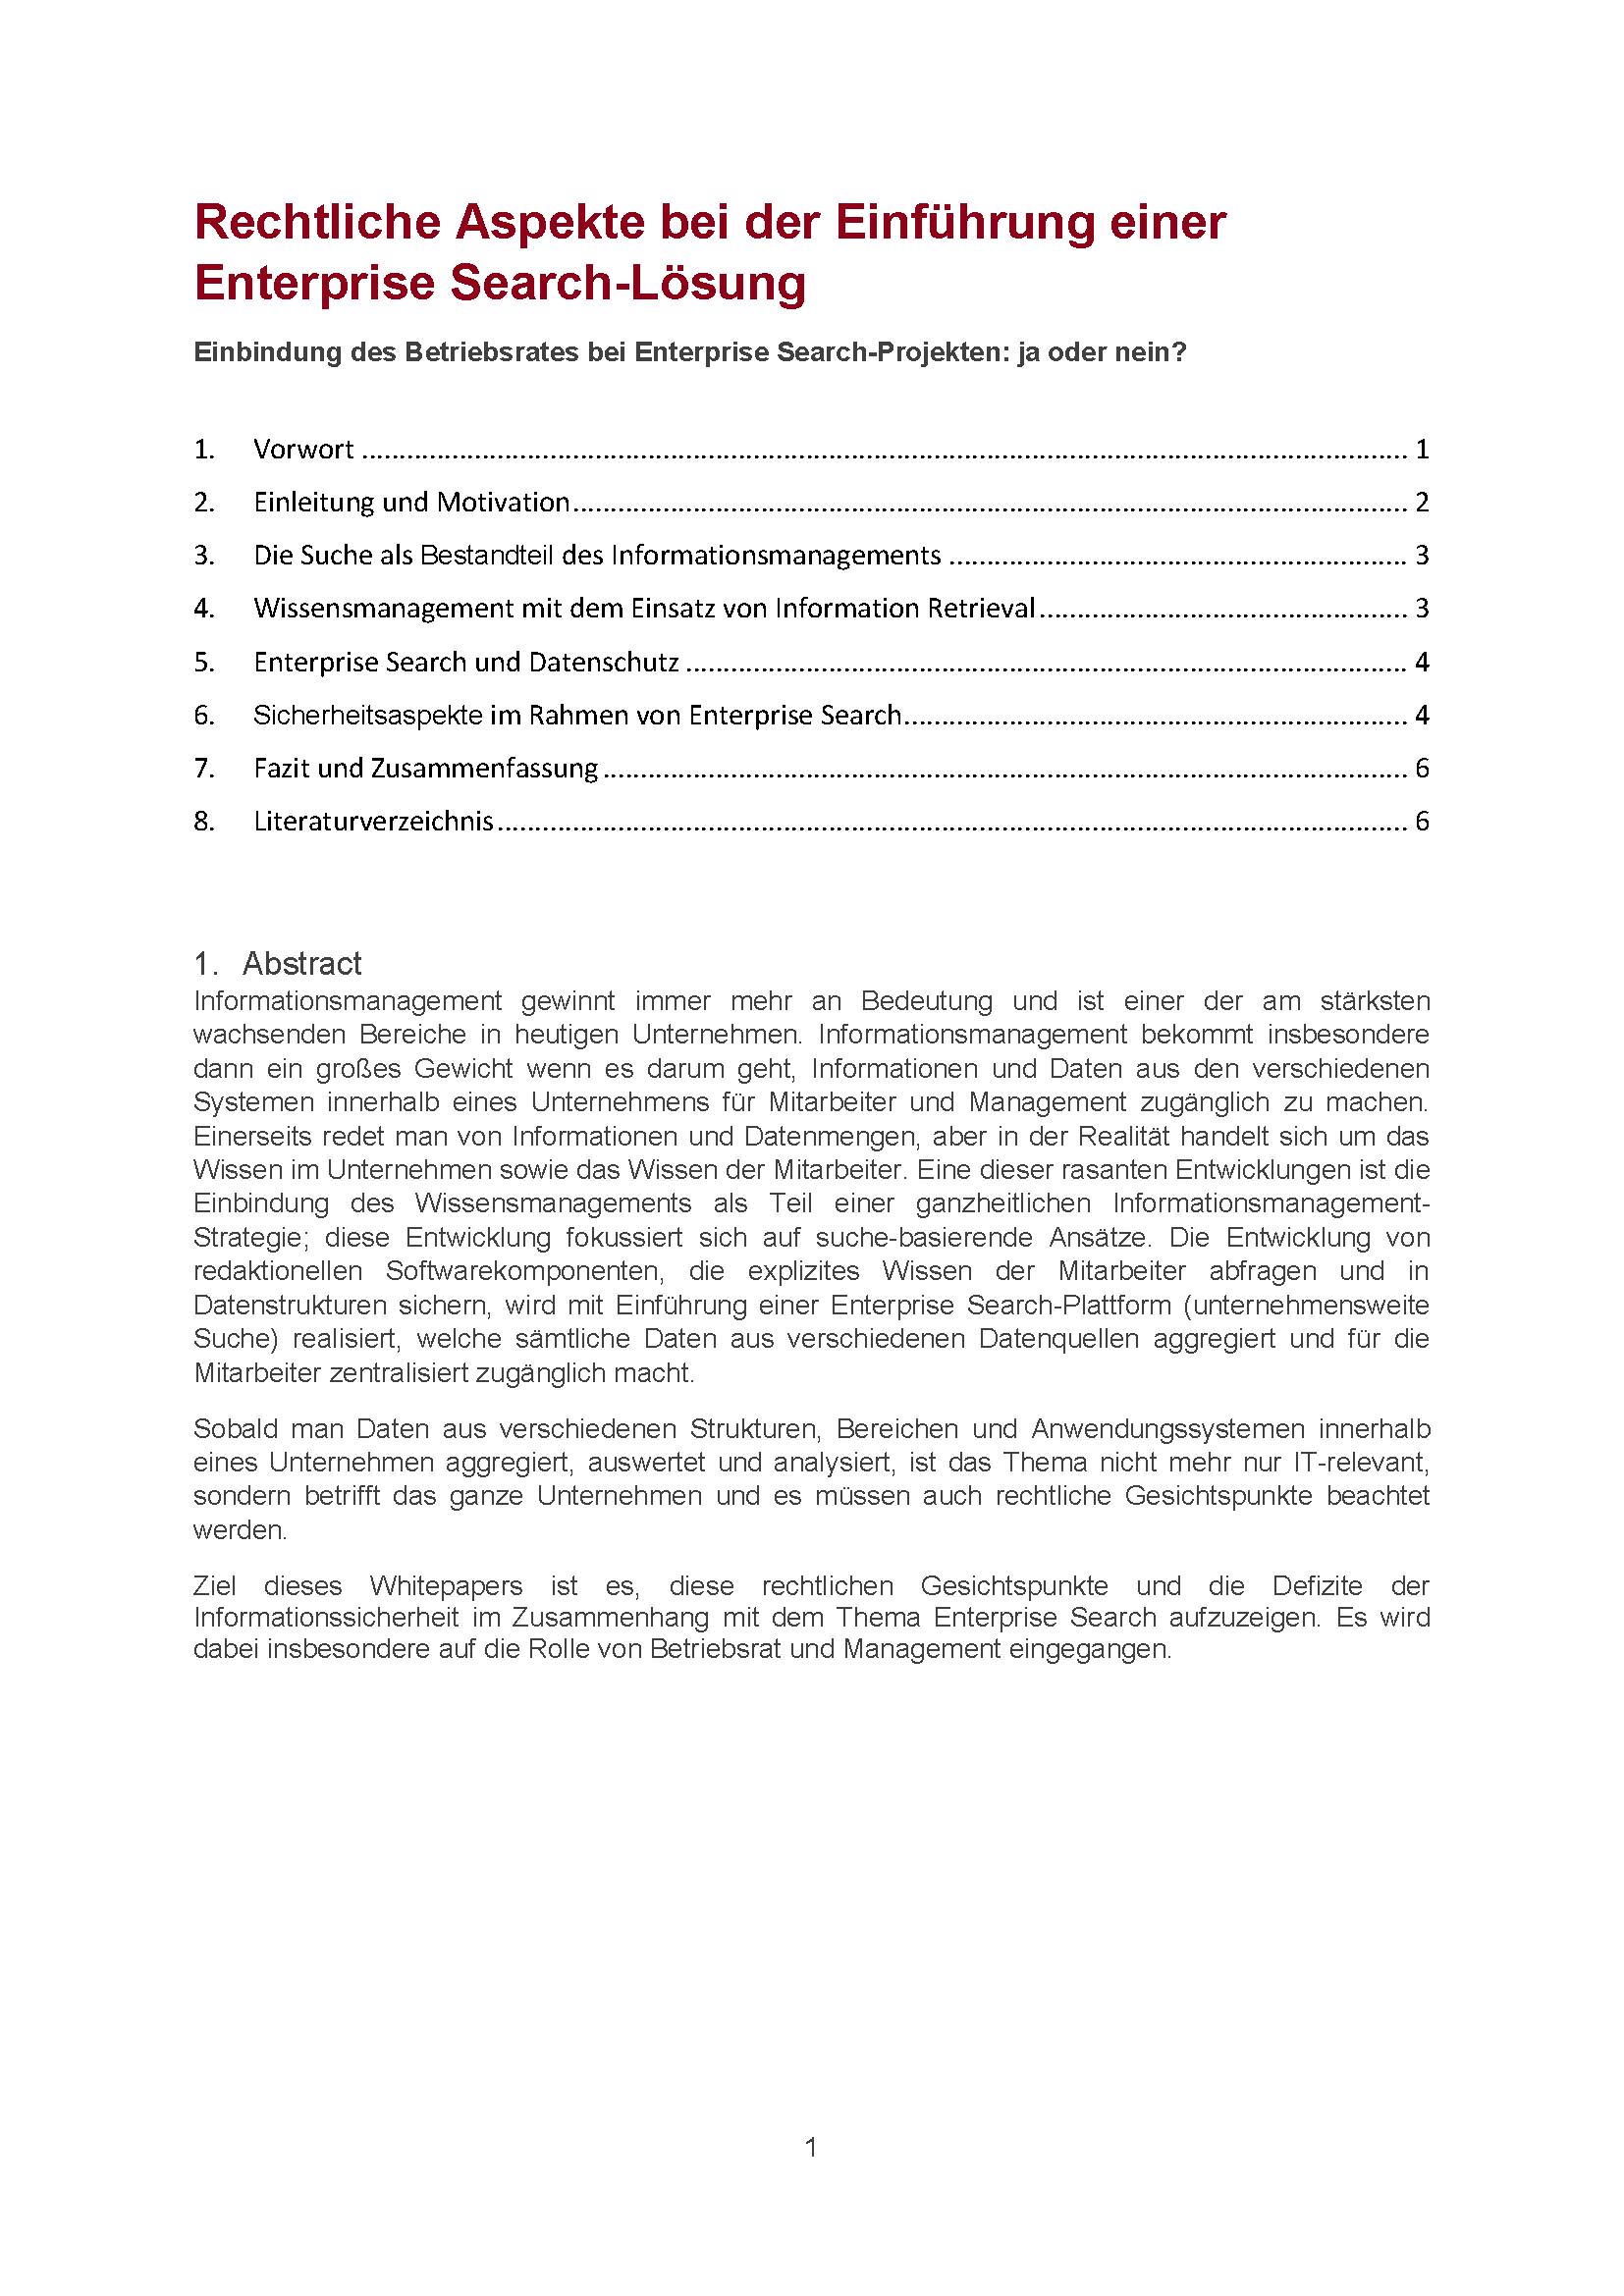 Whitepaper: Rechtliche Aspekte bei der Einführung einer Enterprise Search-Lösung